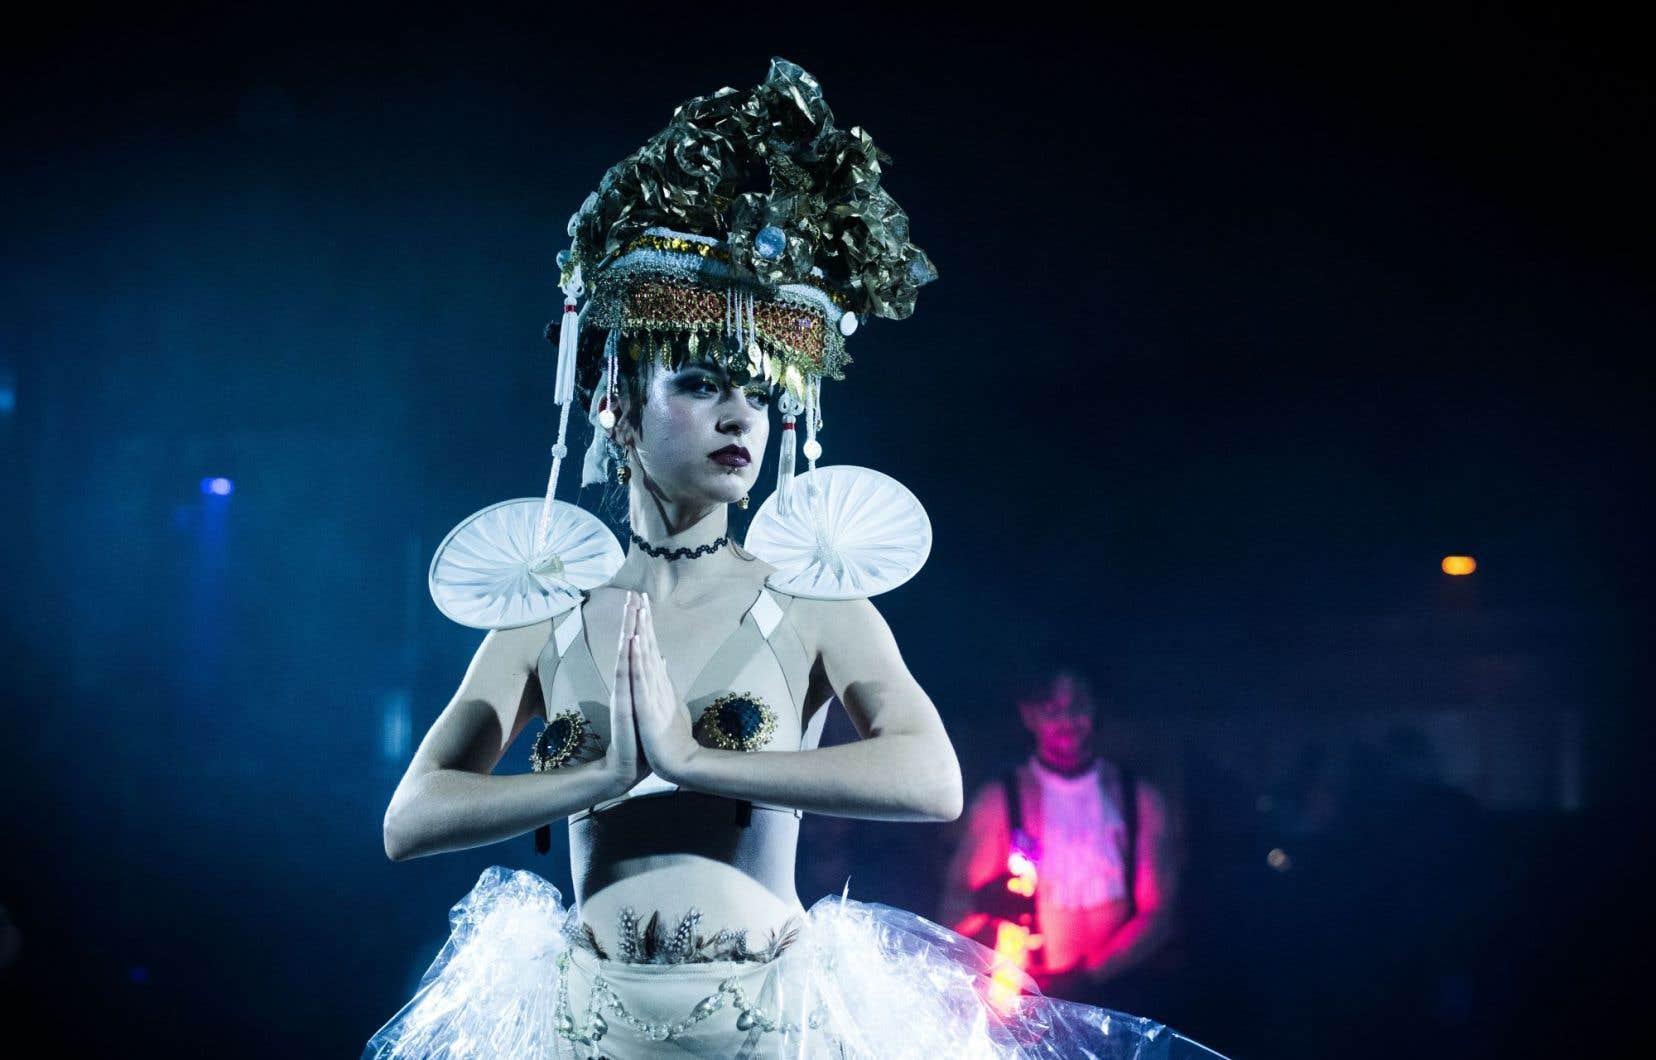 À l'offre musicale s'ajoutent artistes de cirque, danseurs, acrobates, maquilleurs, artistes de burlesque et artistes visuels, qui investiront le Quai de l'horloge.